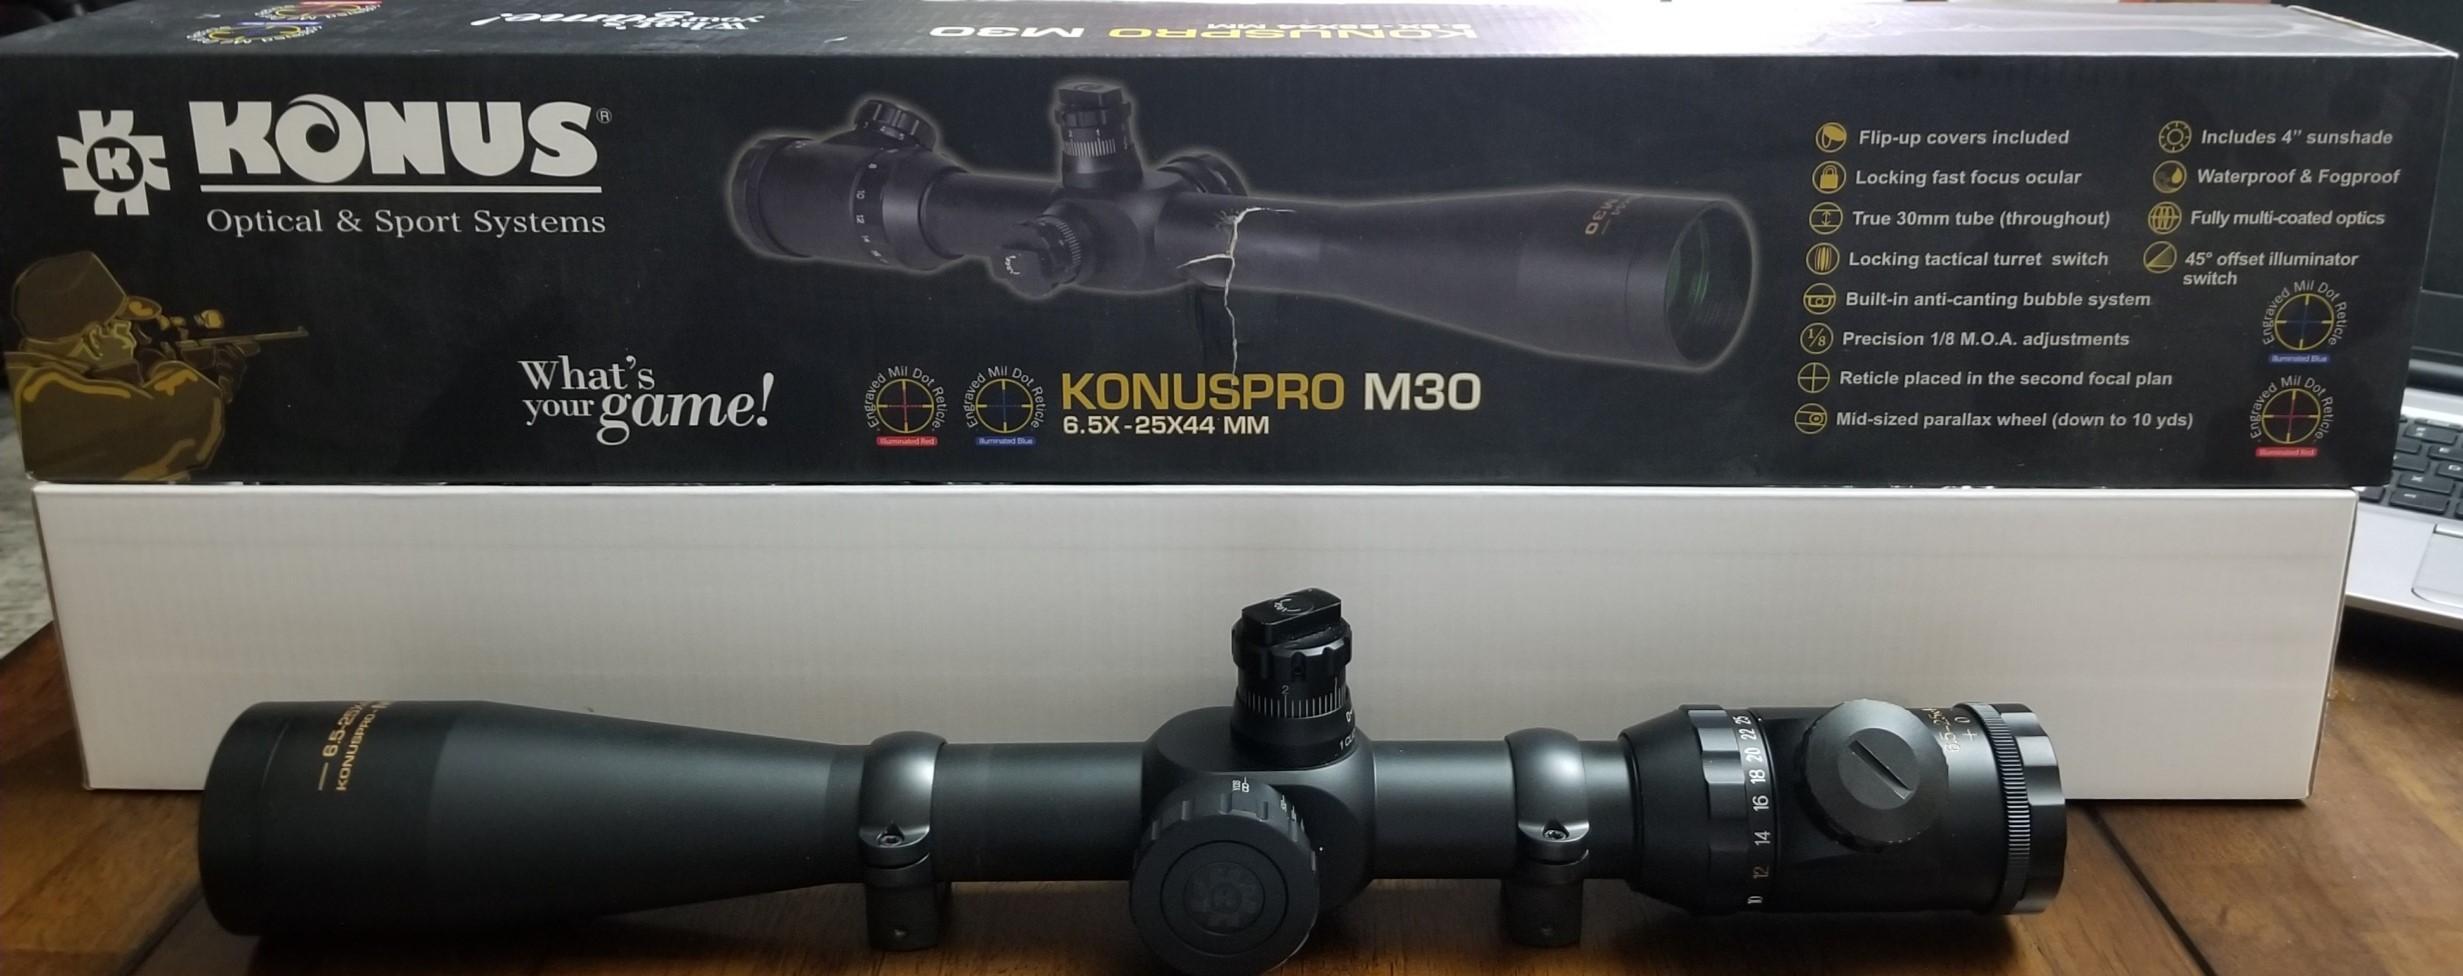 Konus M30 6-5-20.jpg